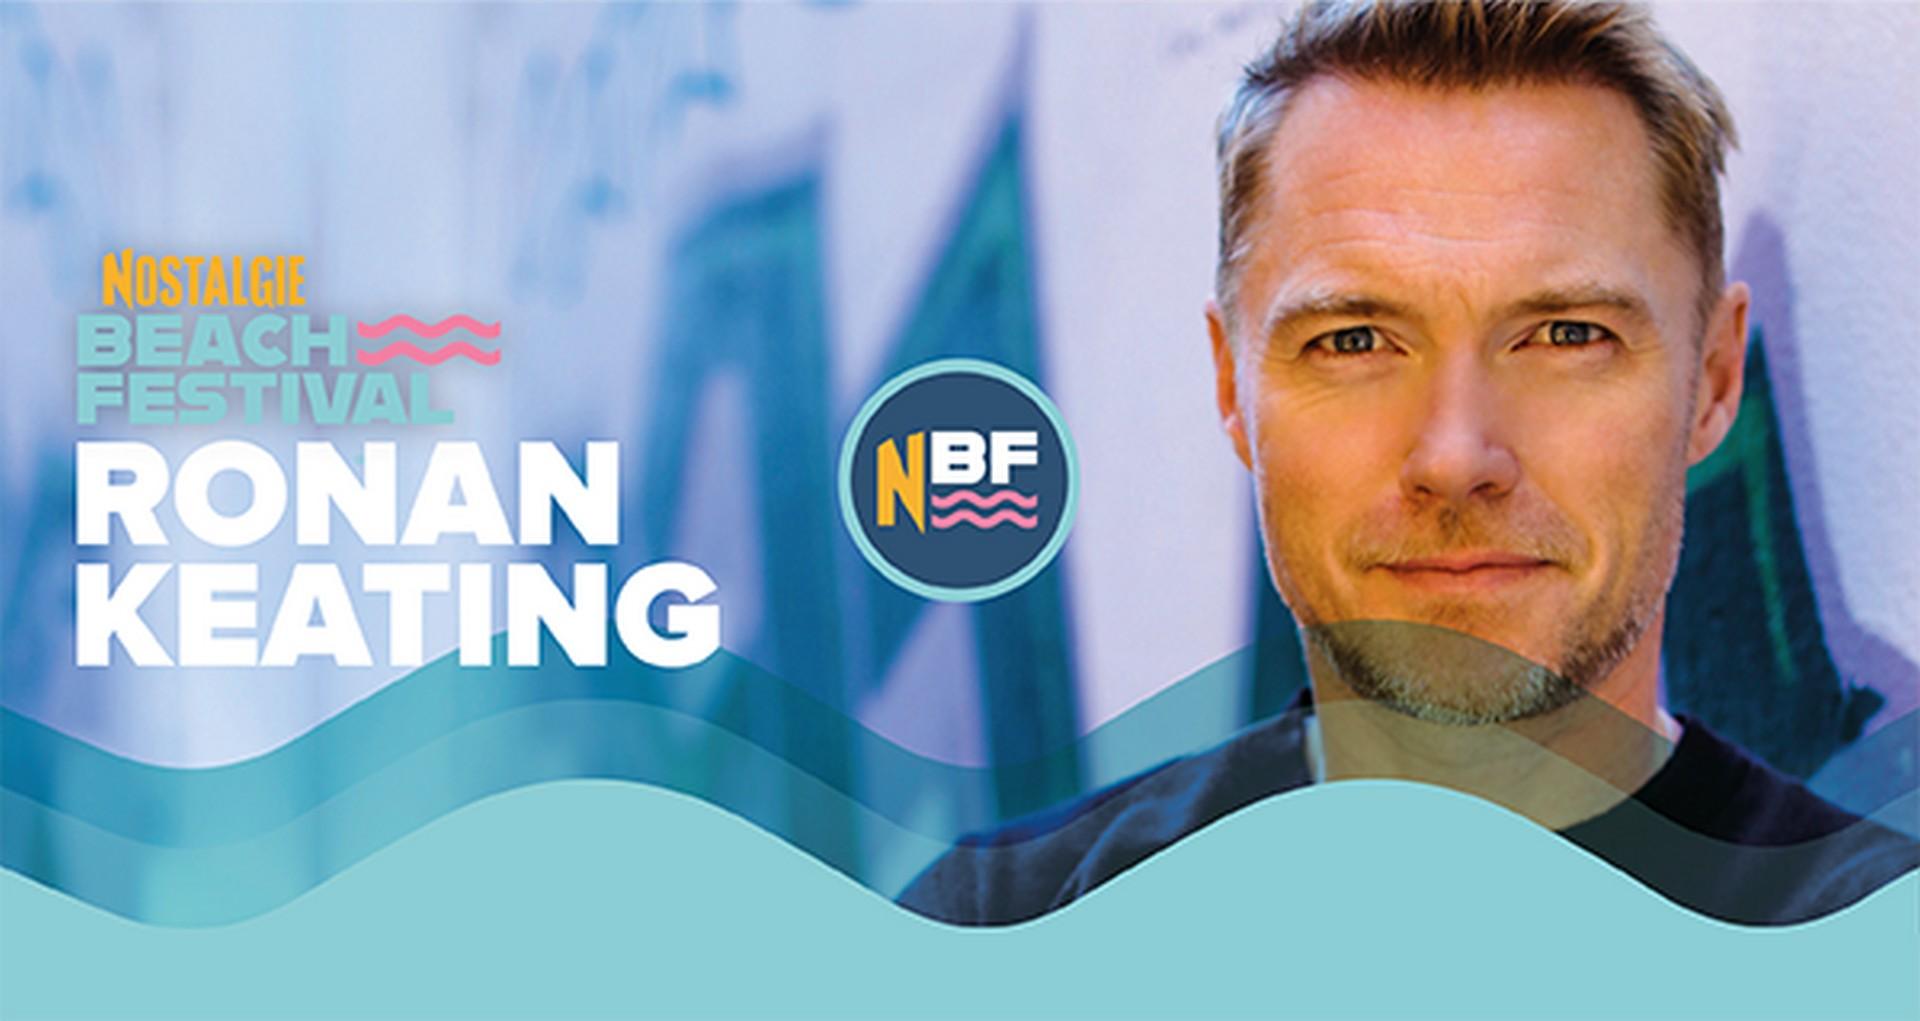 Ronan Keating volgende topper op NBF - Ronan Keating